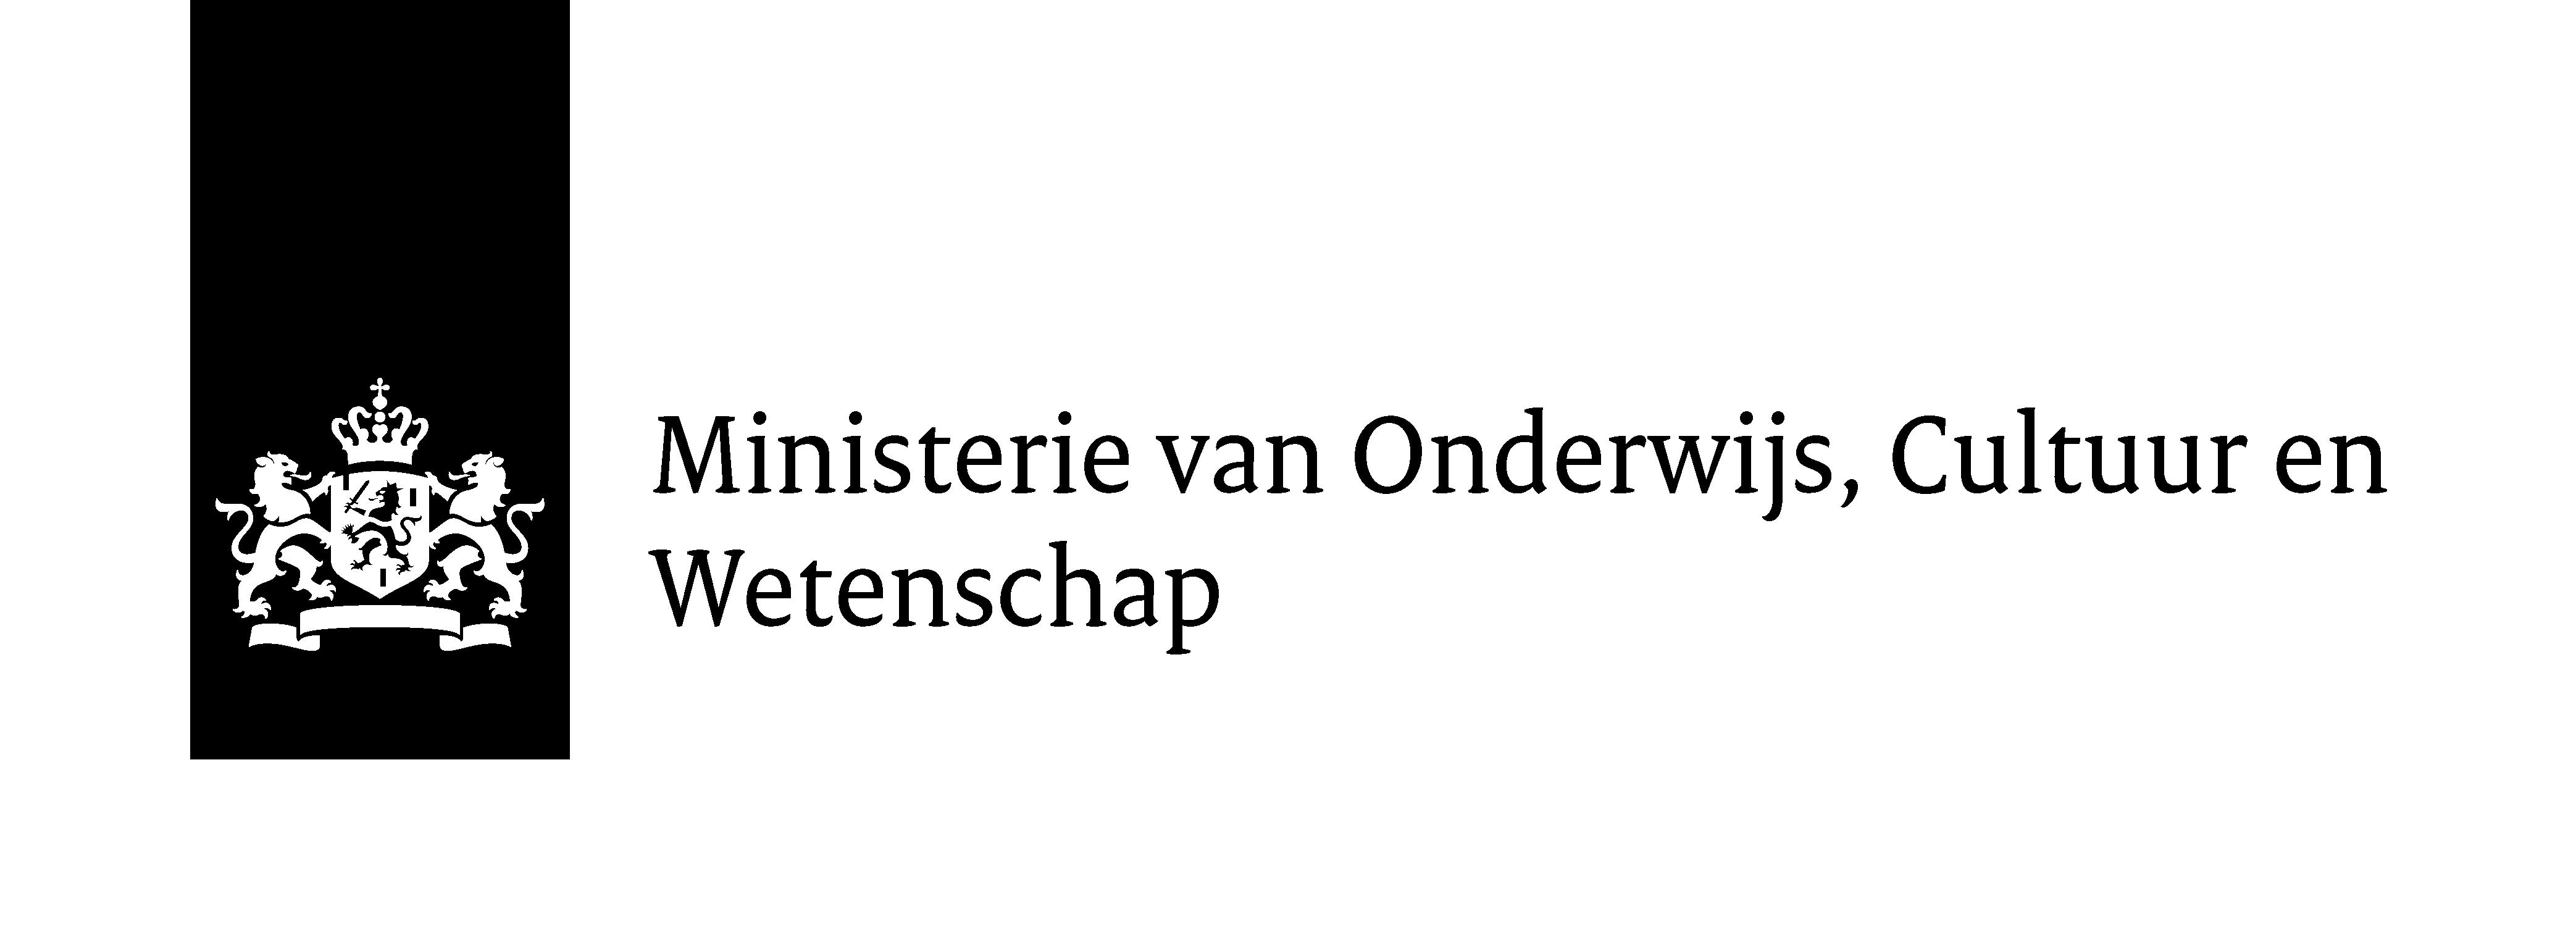 logo Ministerie van Onderwijs, cultuur en wetenschap - zwart/wit